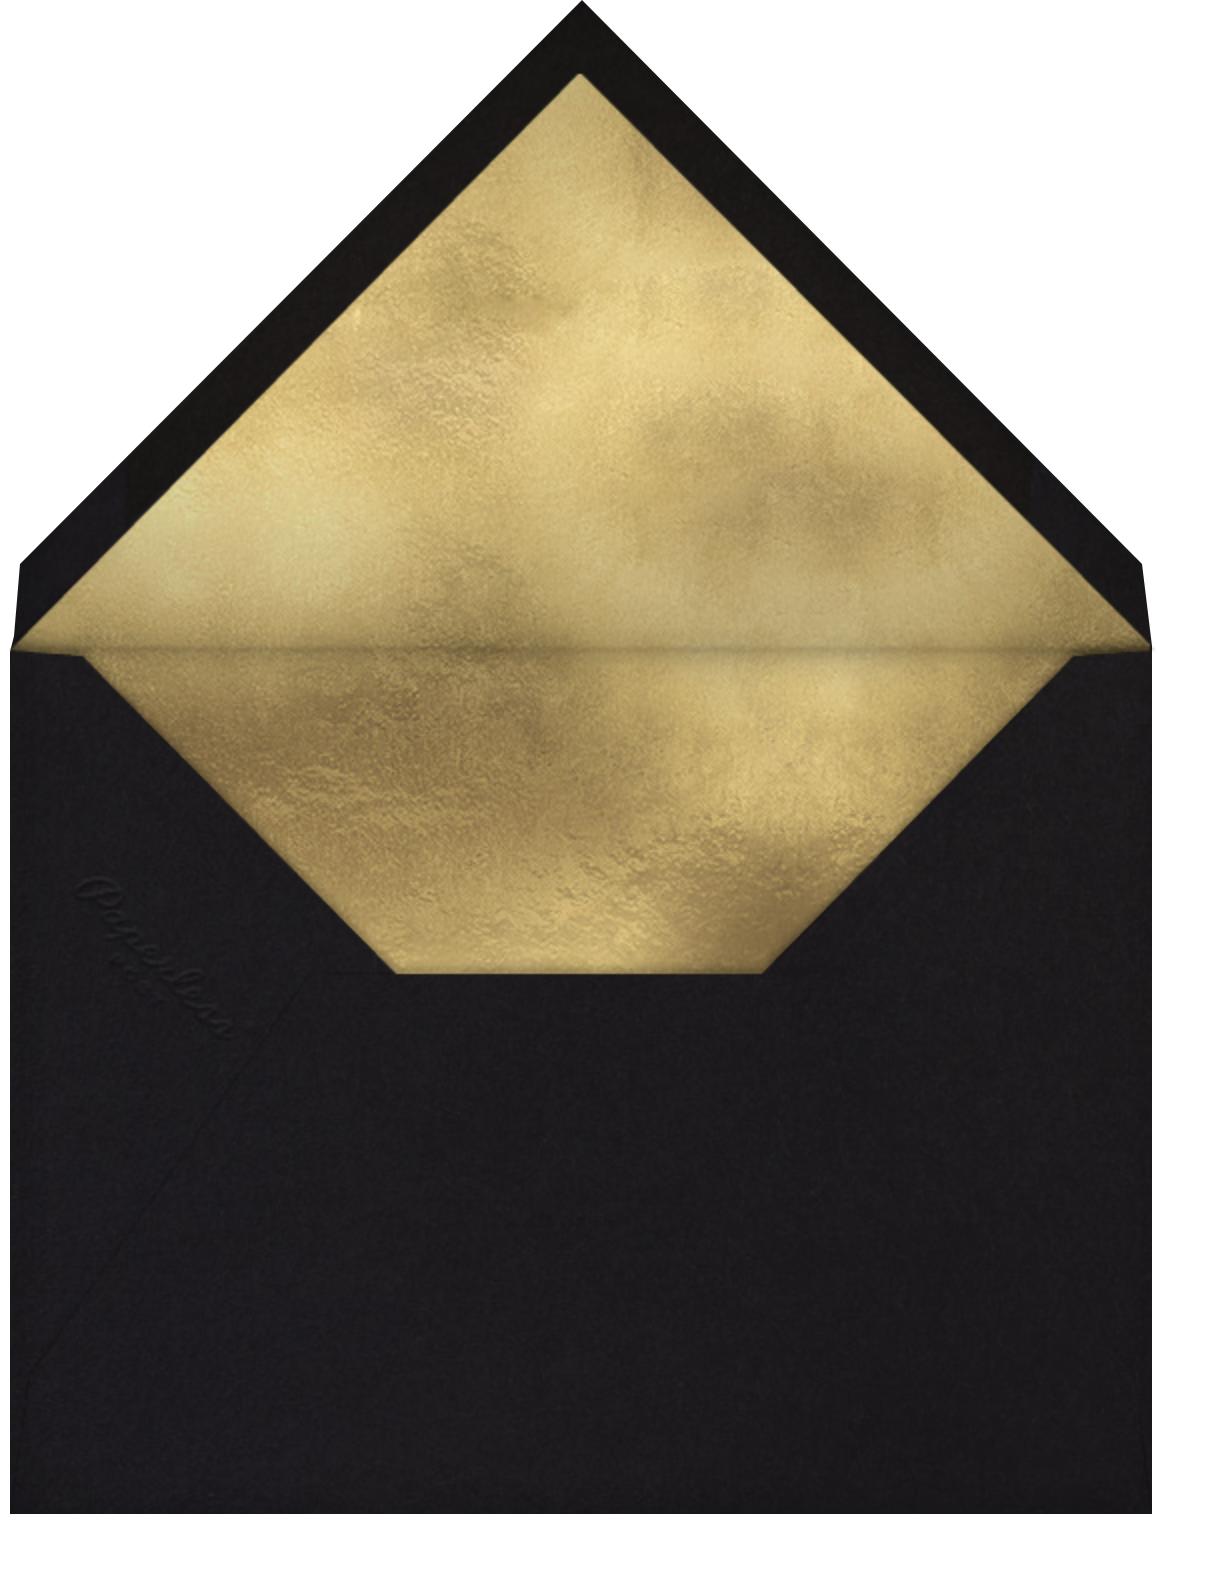 Brushed Gold - Oscar de la Renta - New Year's Eve - envelope back